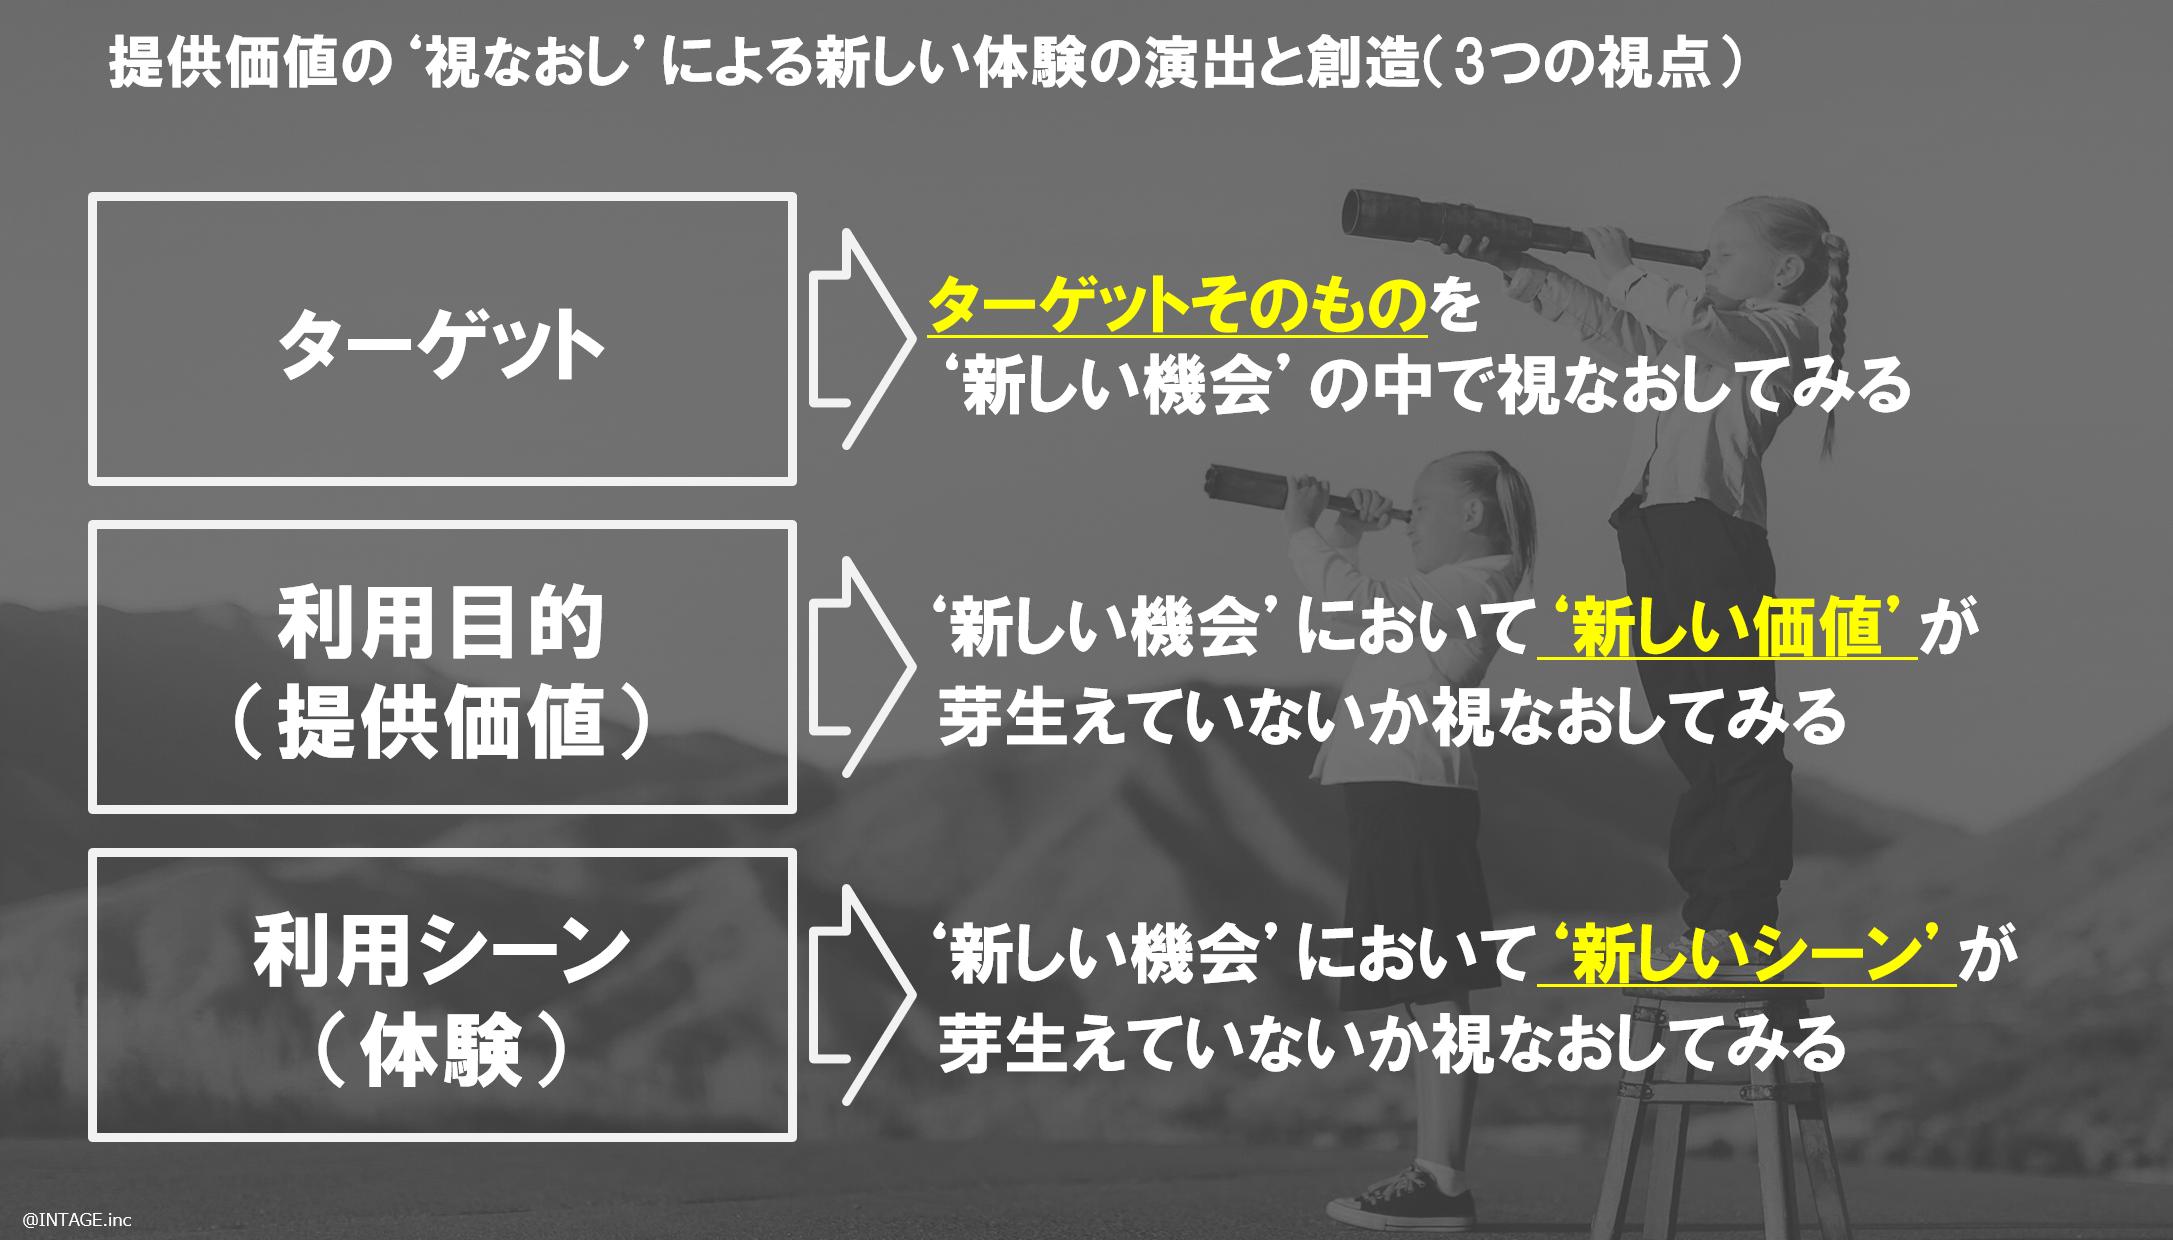 ihr-column14_11.png